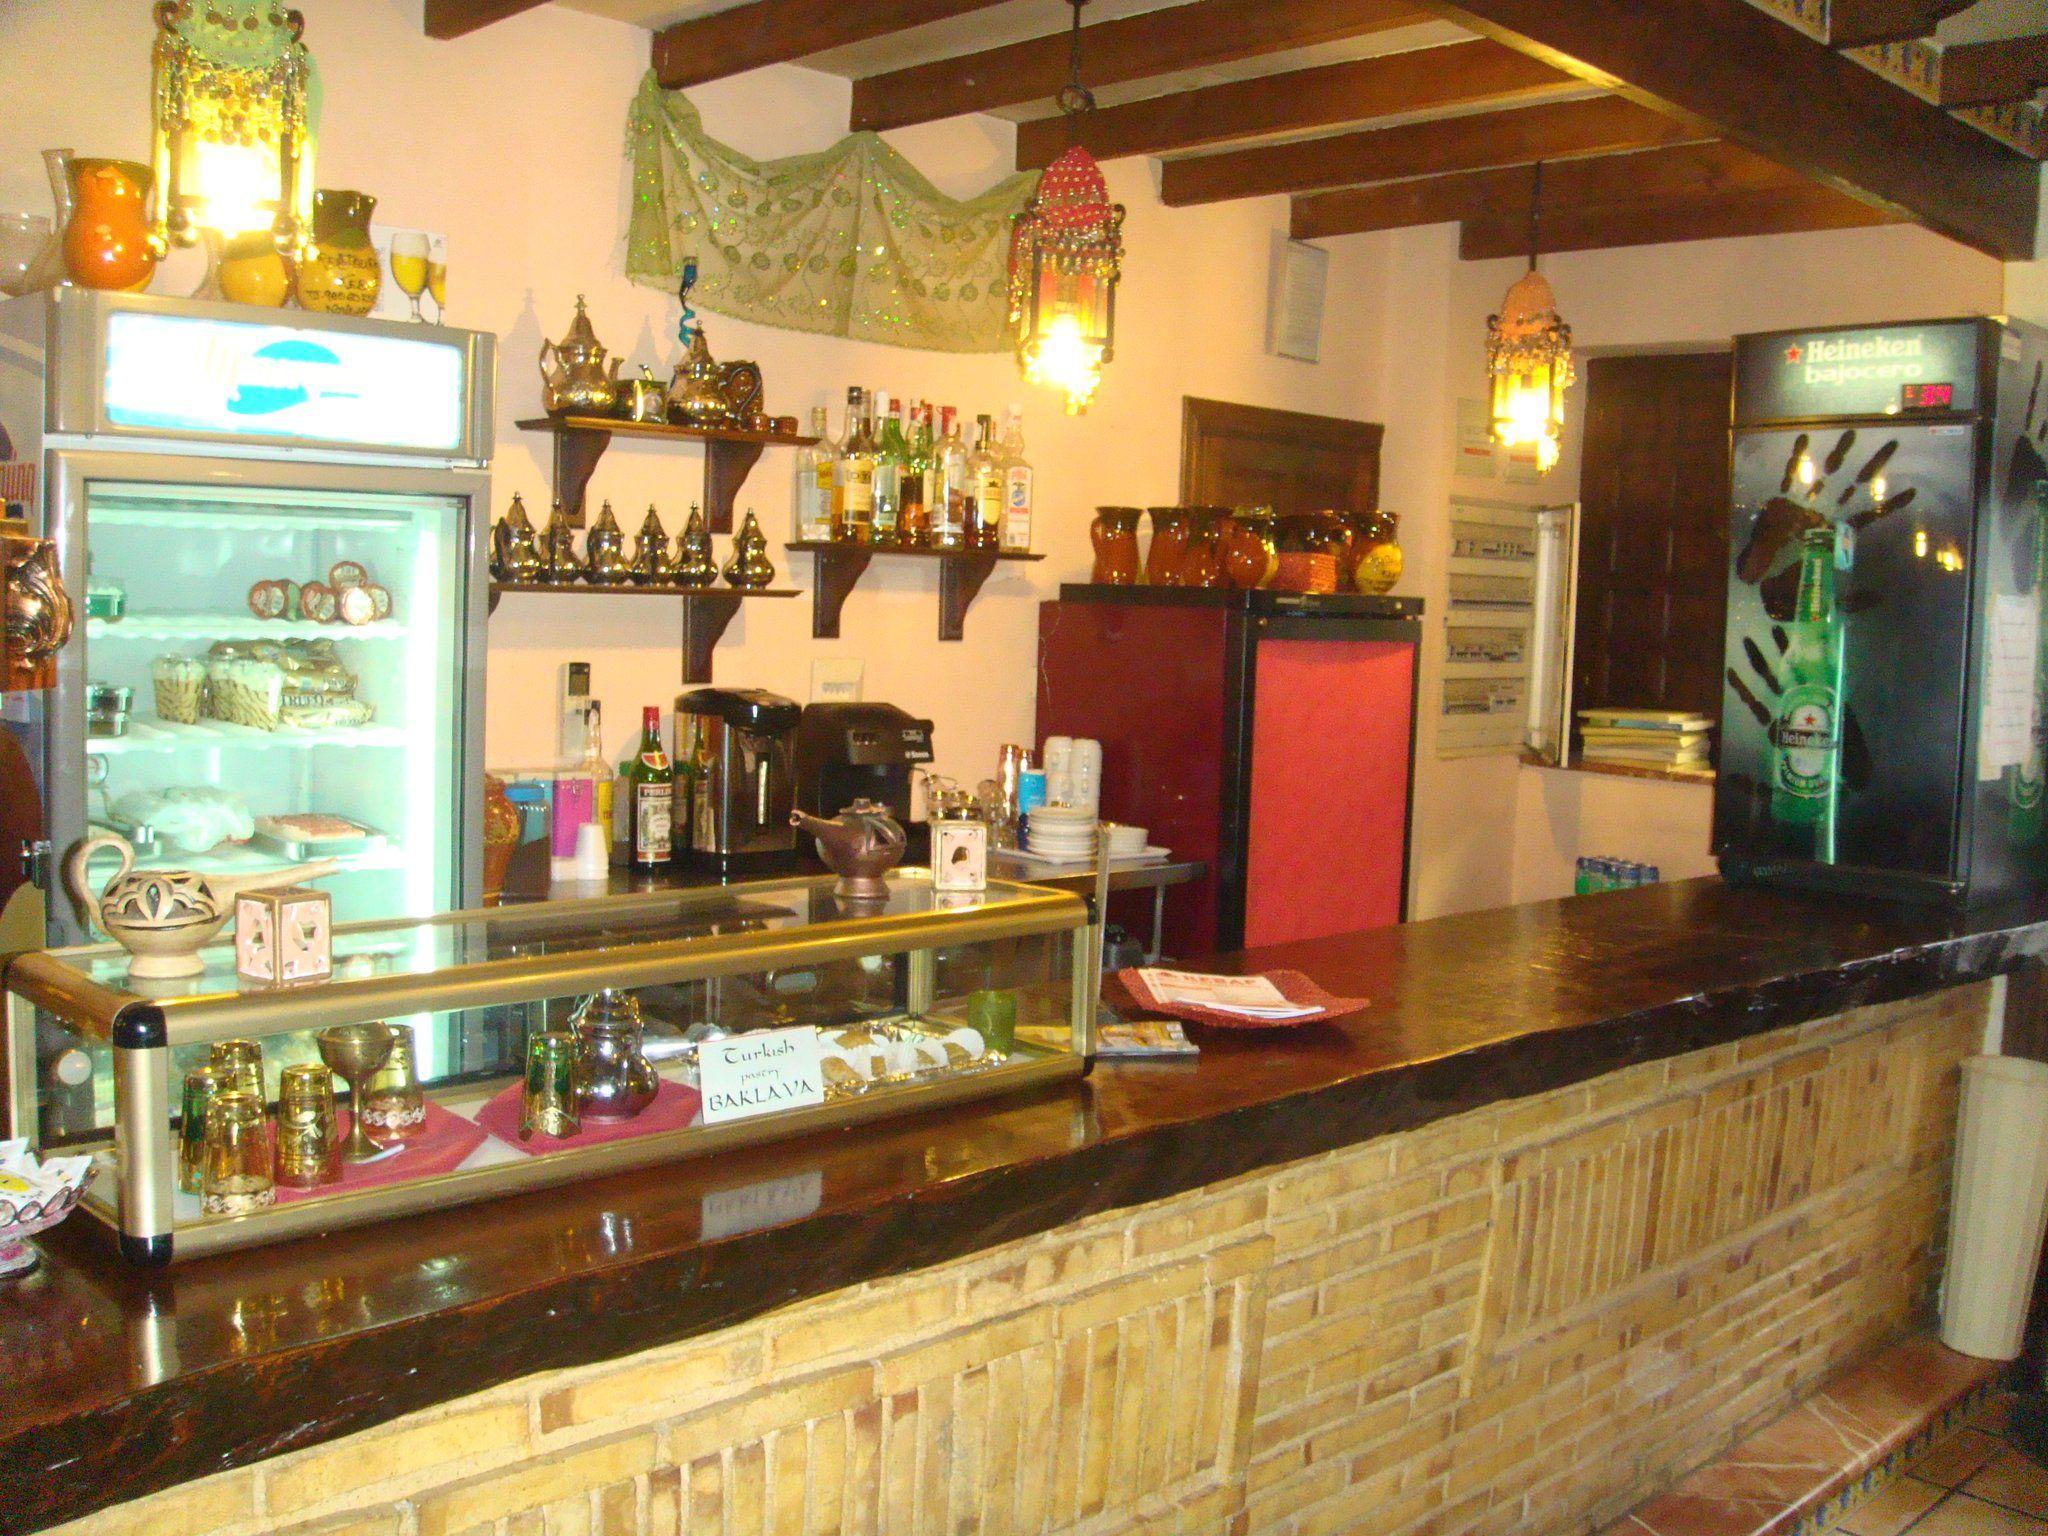 Restaurante de comida casera en Novelda, Alicante